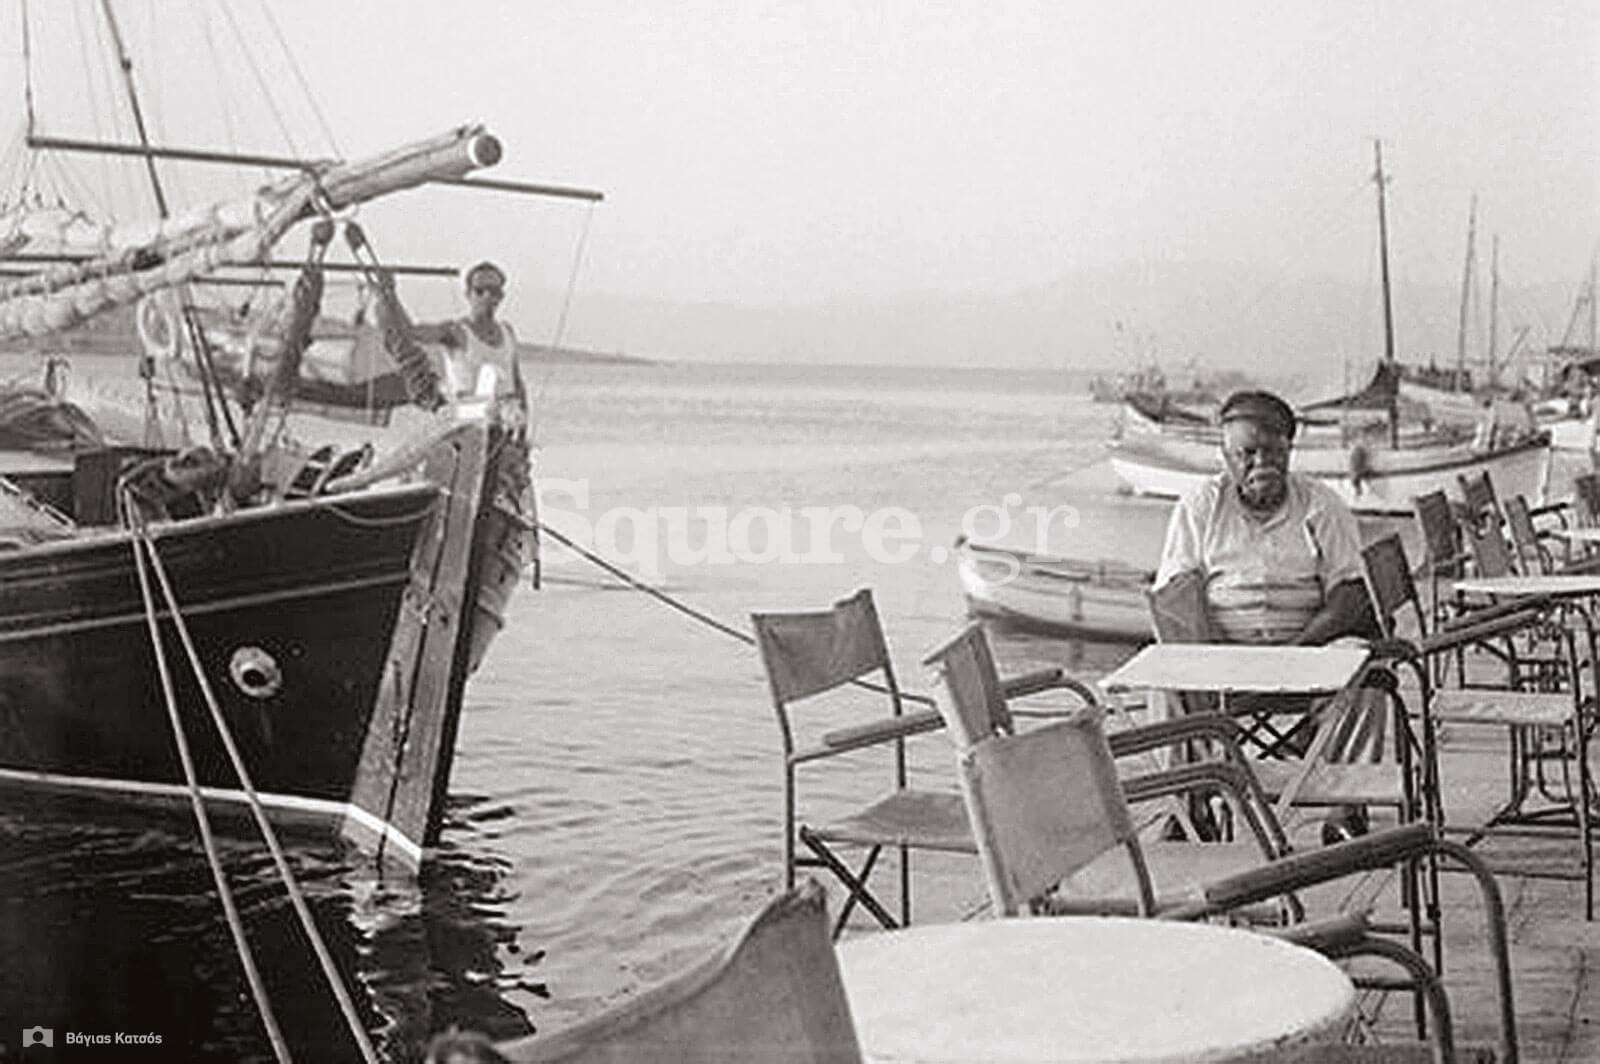 9-Τα-τραπεζάκια-του-Μανώλη-δίπλα-στο-κύμα-προτιμούσαν-κάθε-μέρα-και-οι-άνθρωποι-της-θάλασσας-Φωτογραφία-L.-H.-Jeffery-Archive